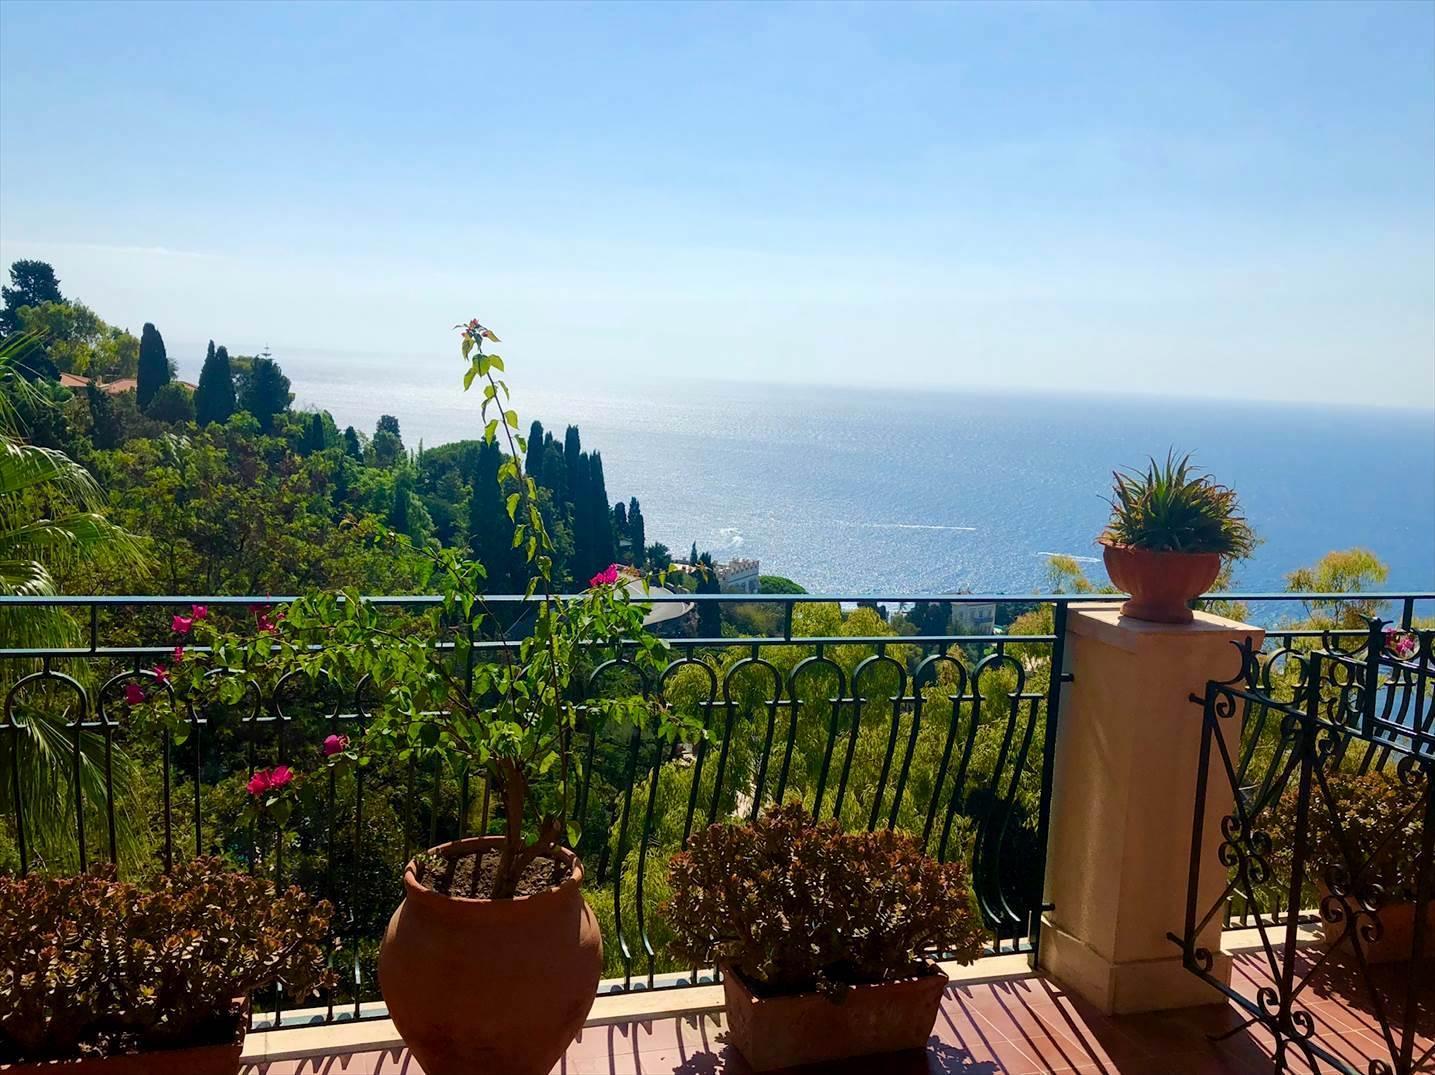 シチリア/41 タオルミーナのホテル Villa Diodoro_a0092659_18360928.jpg